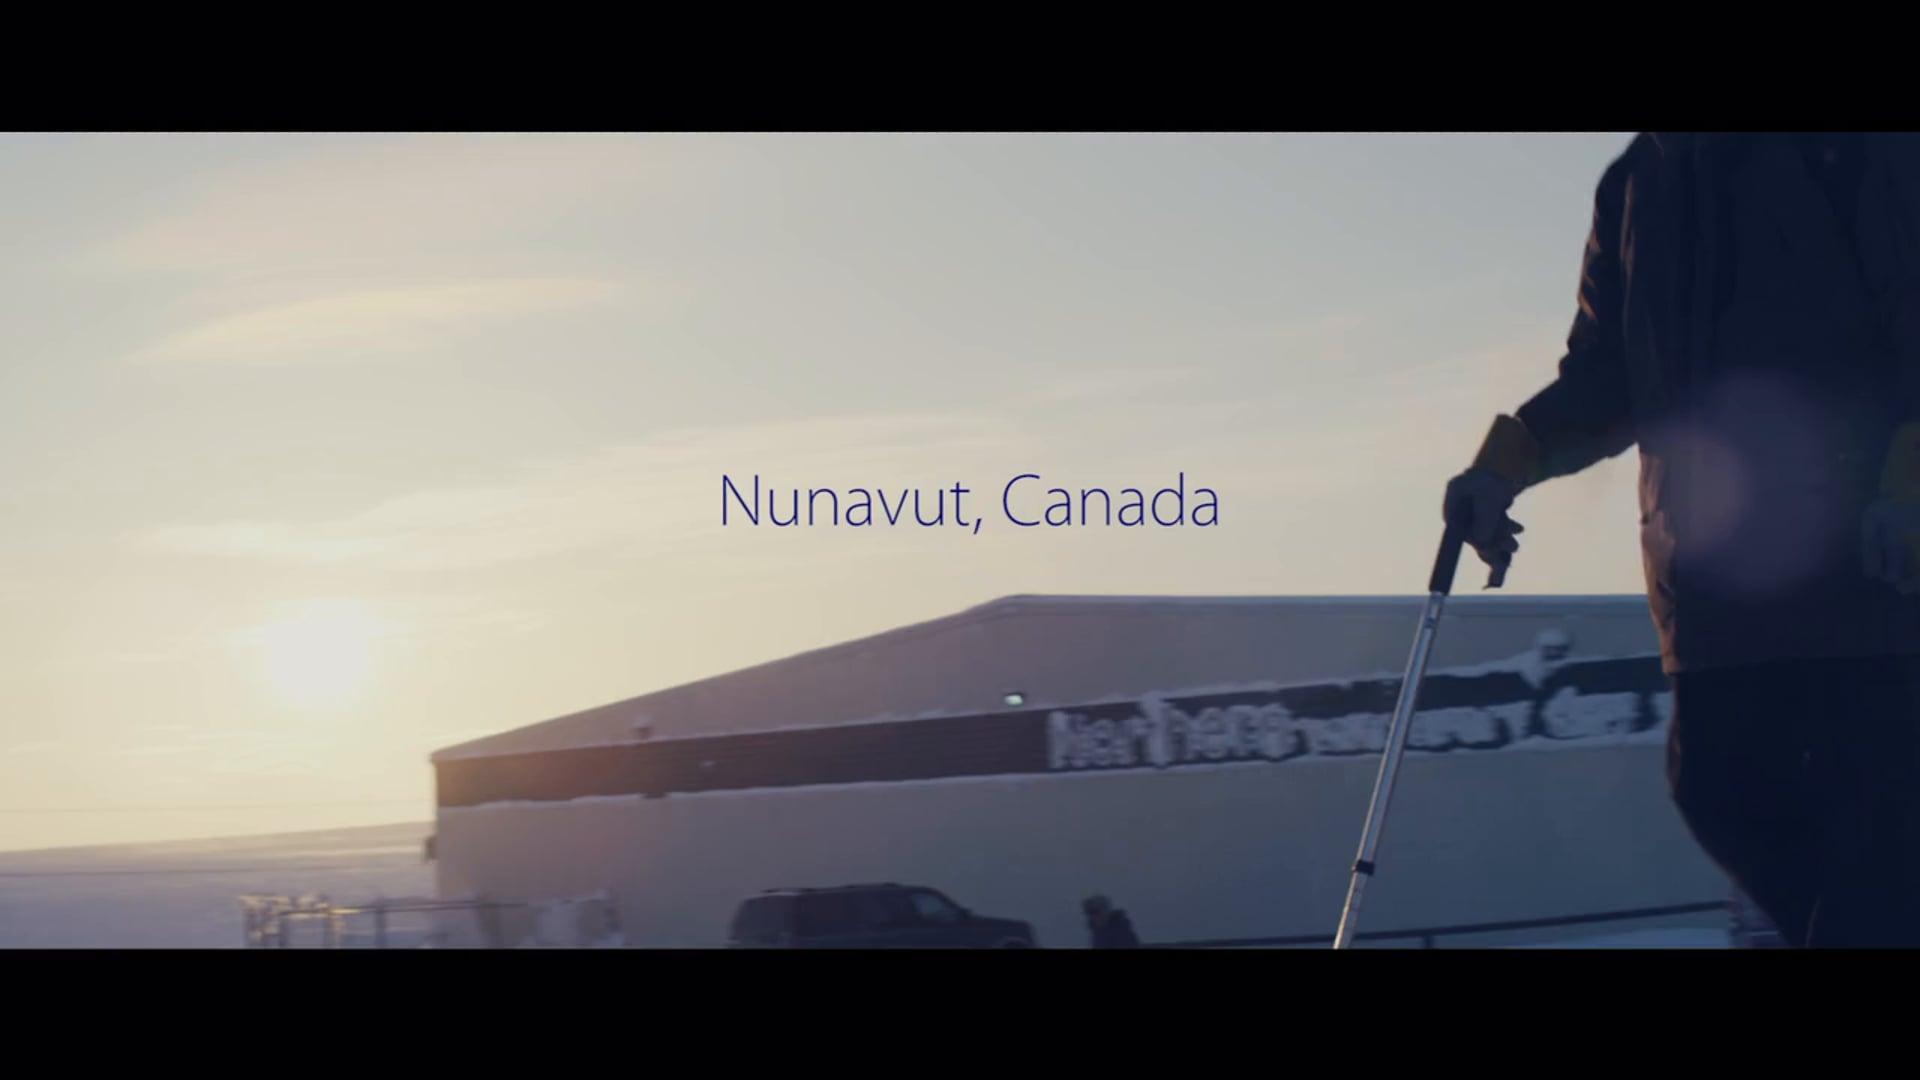 Visa: Nunavut, Canada